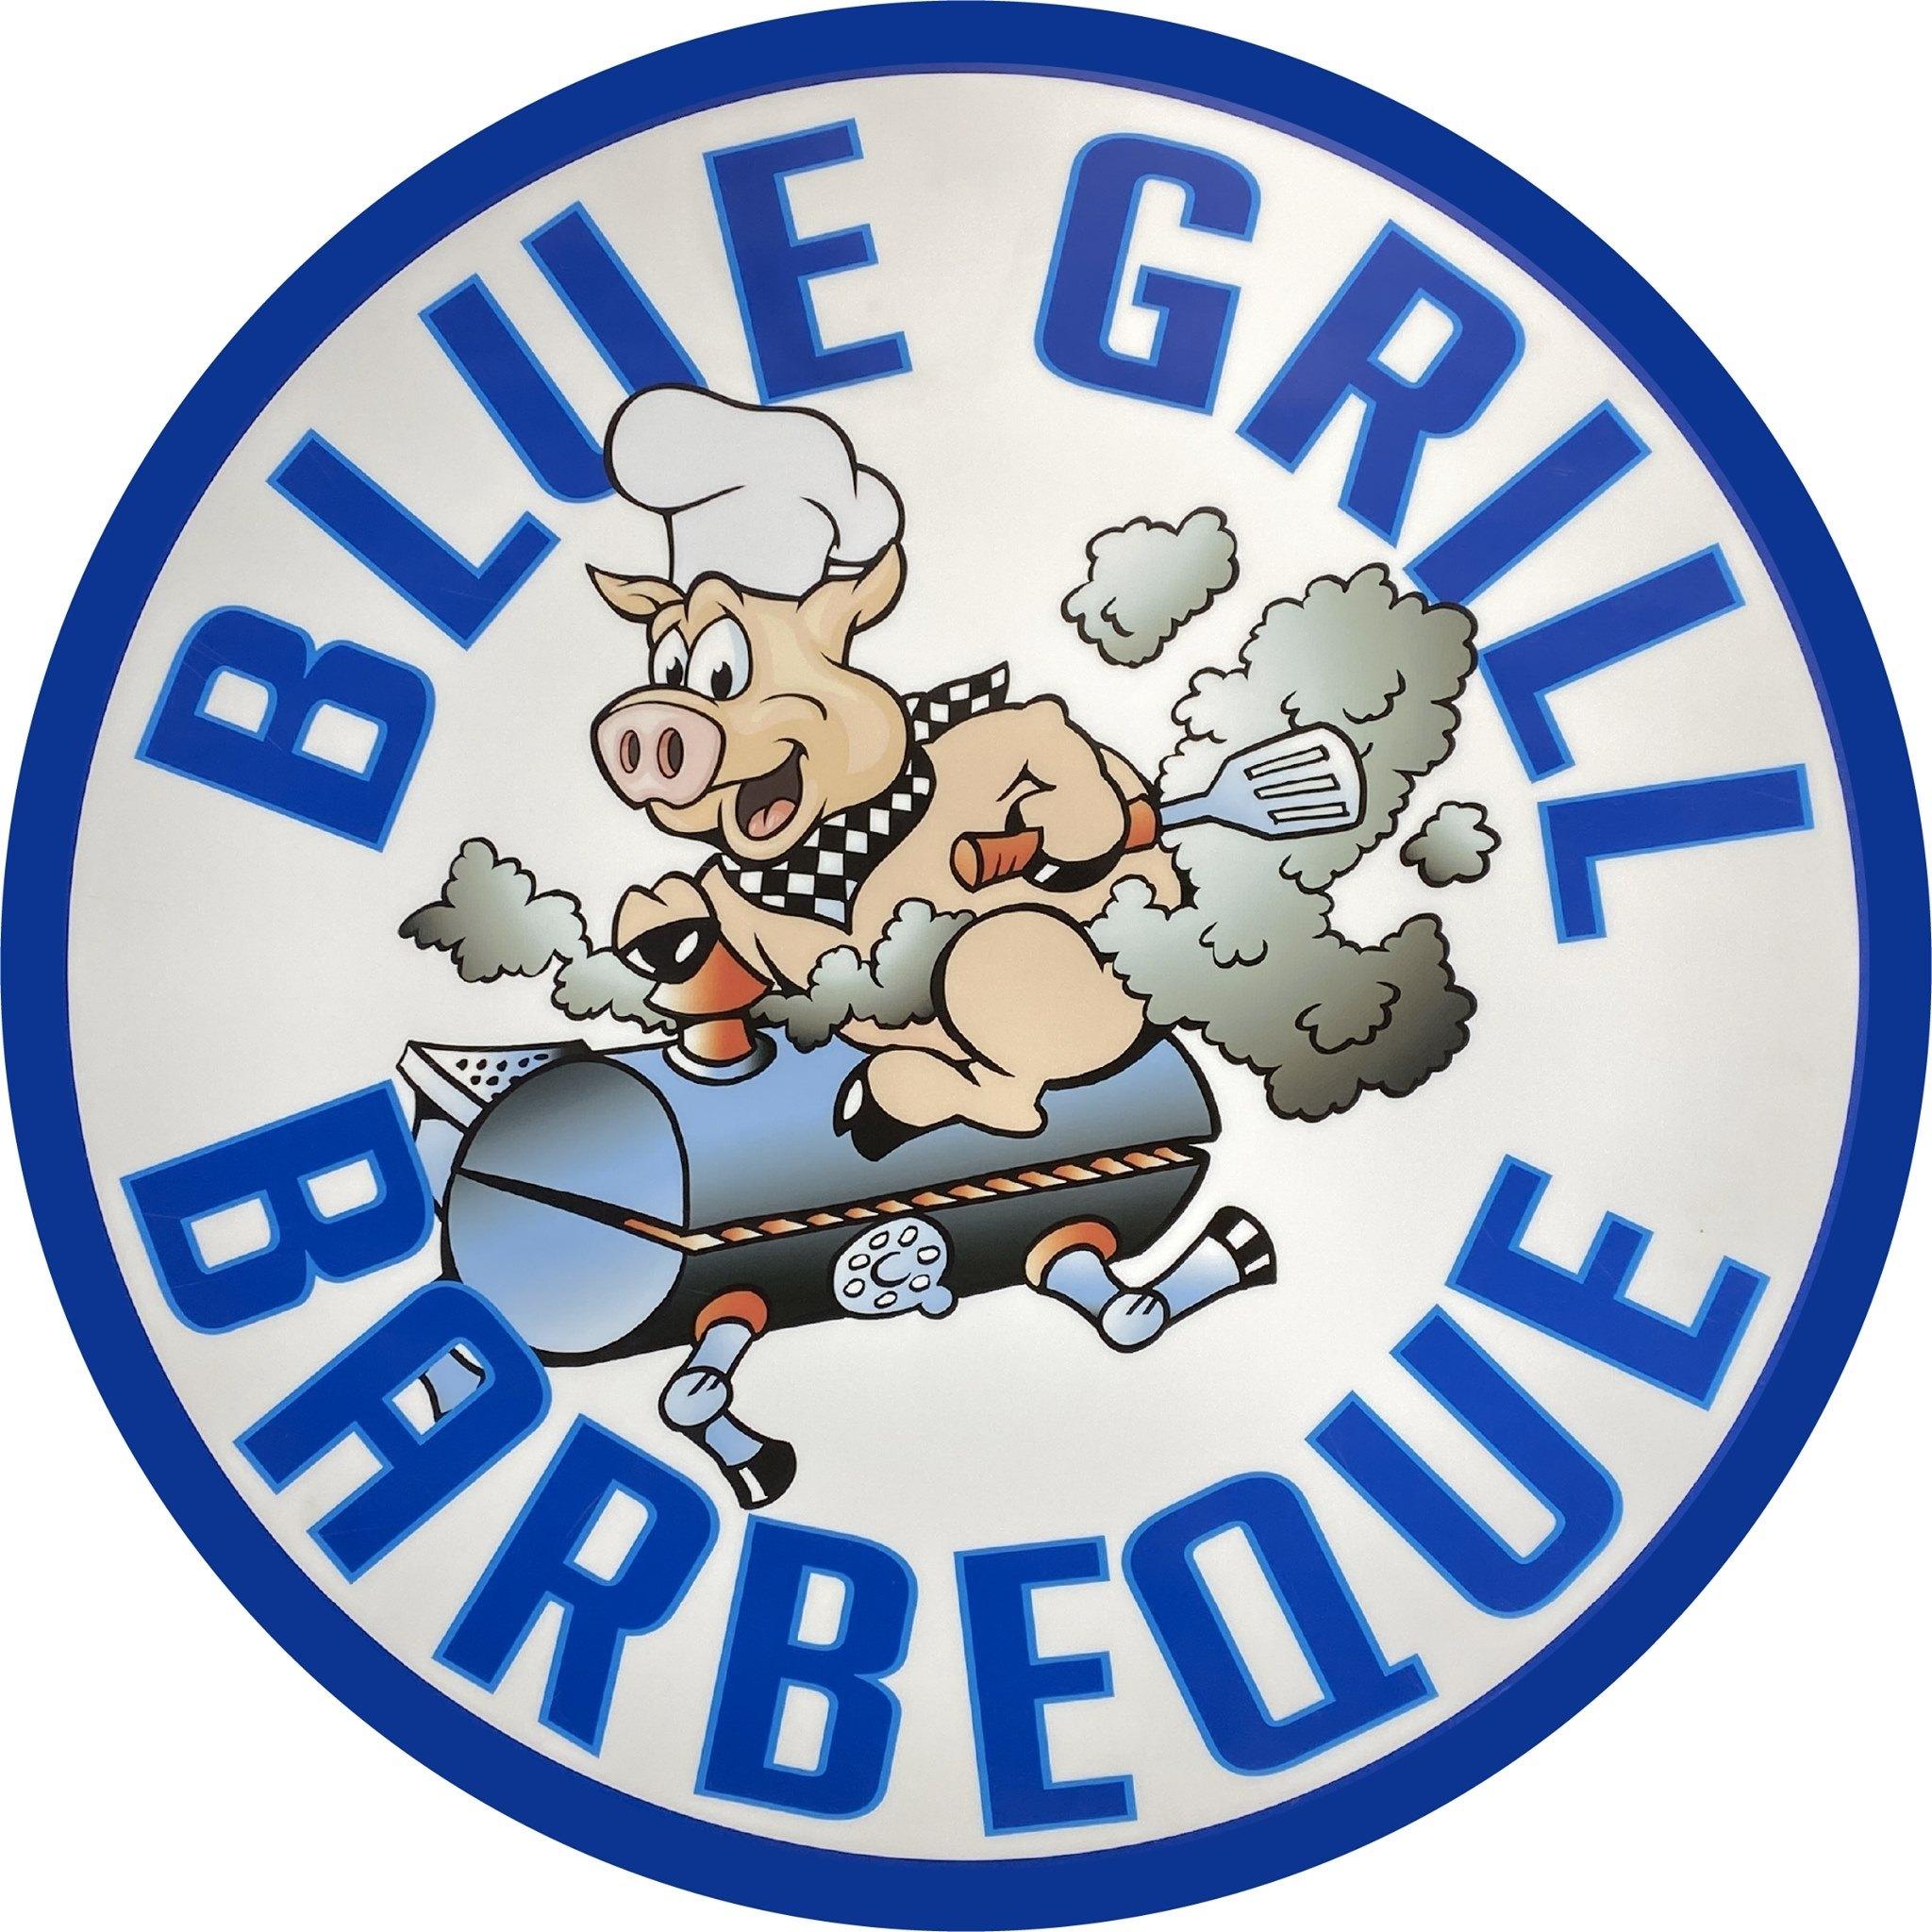 Blue Grill BBQ